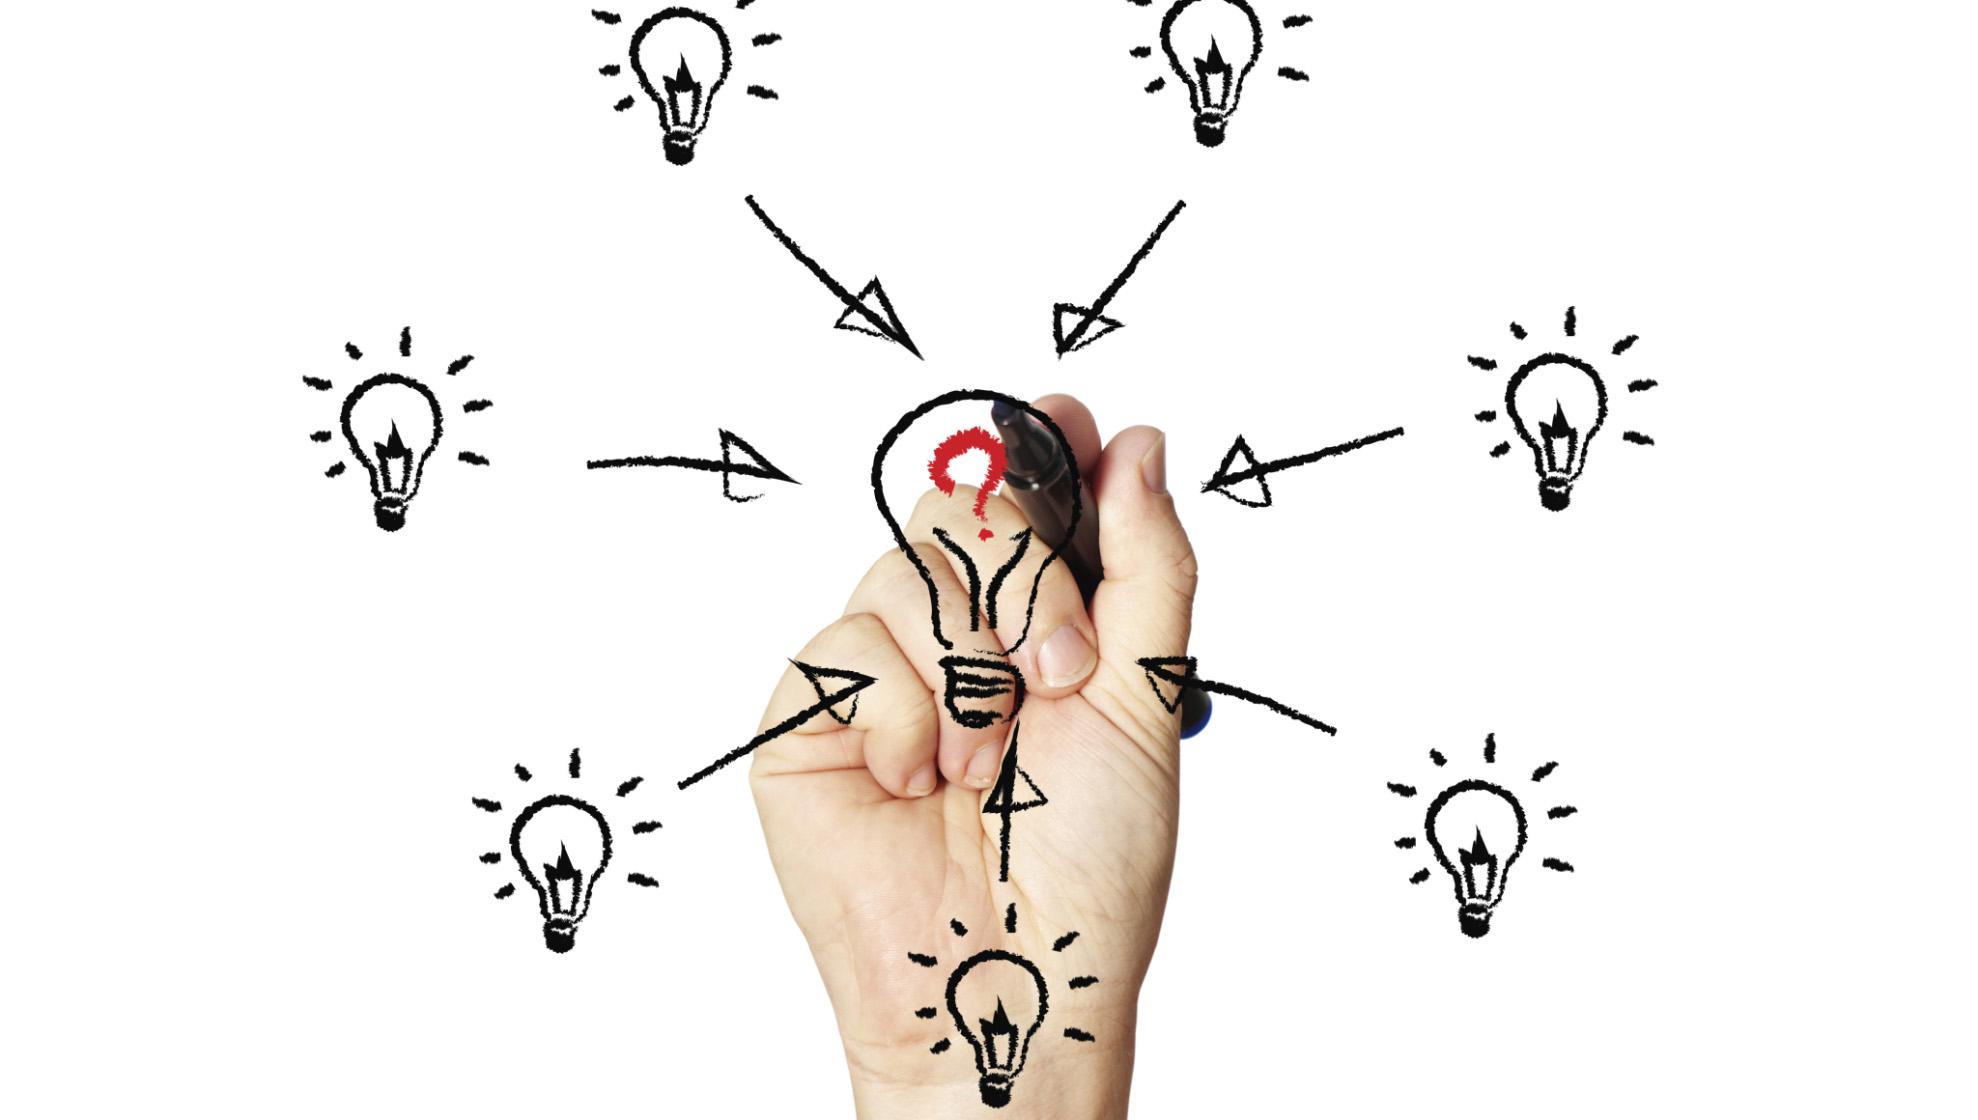 Laboratorio de Innovación en Educación